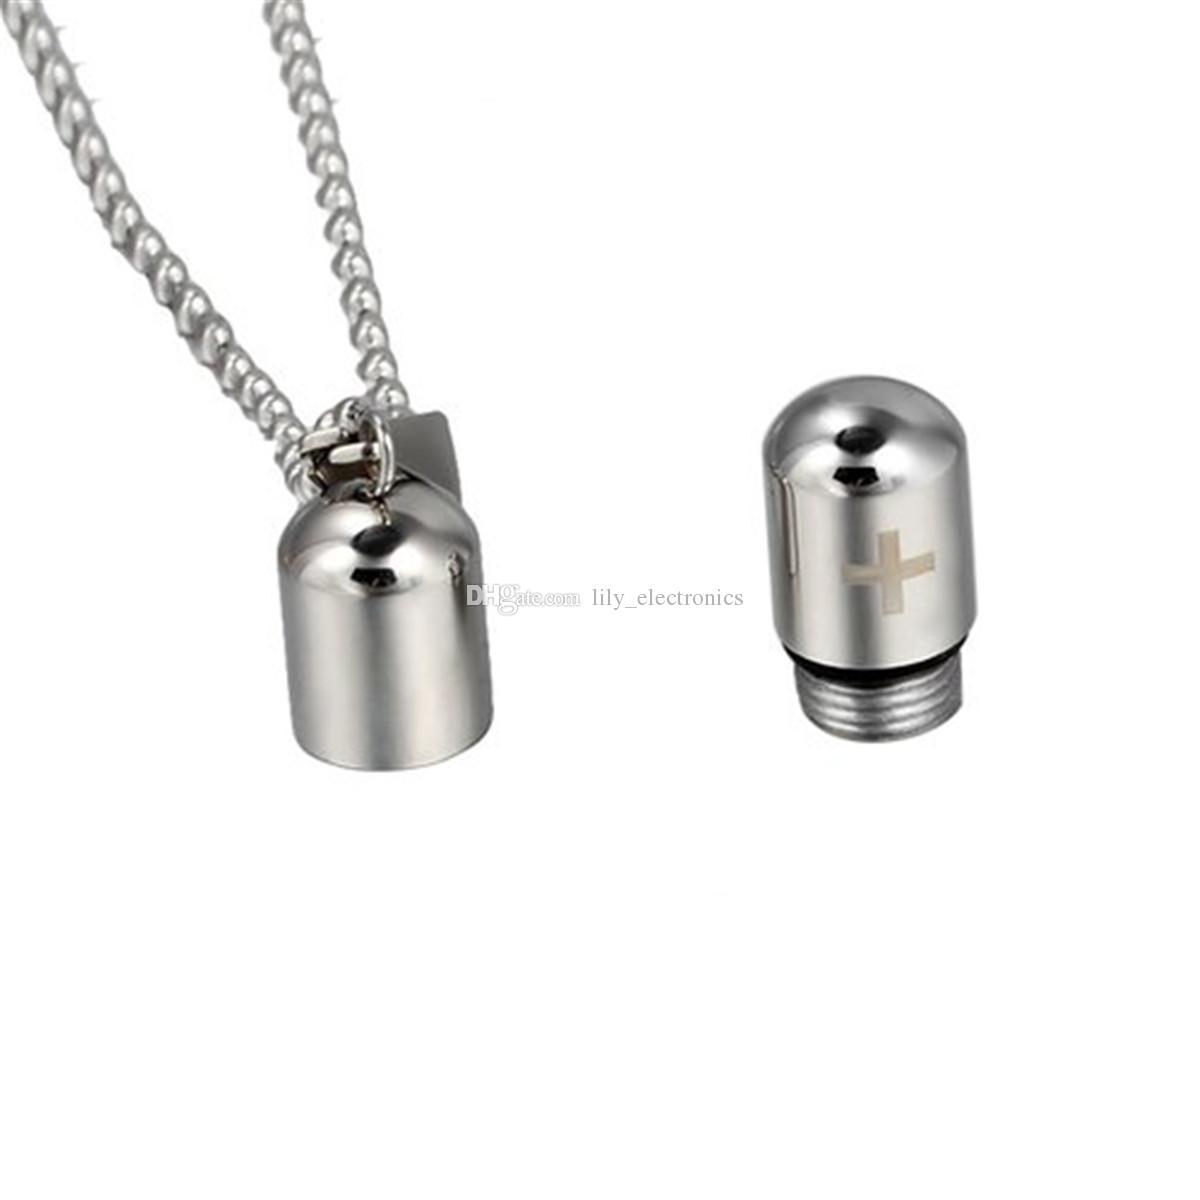 LilyPill perfume botella urna colgantes collares con patrón cruzado - joyería de la separación con collar de cadena de serpiente con una bolsa de regalo